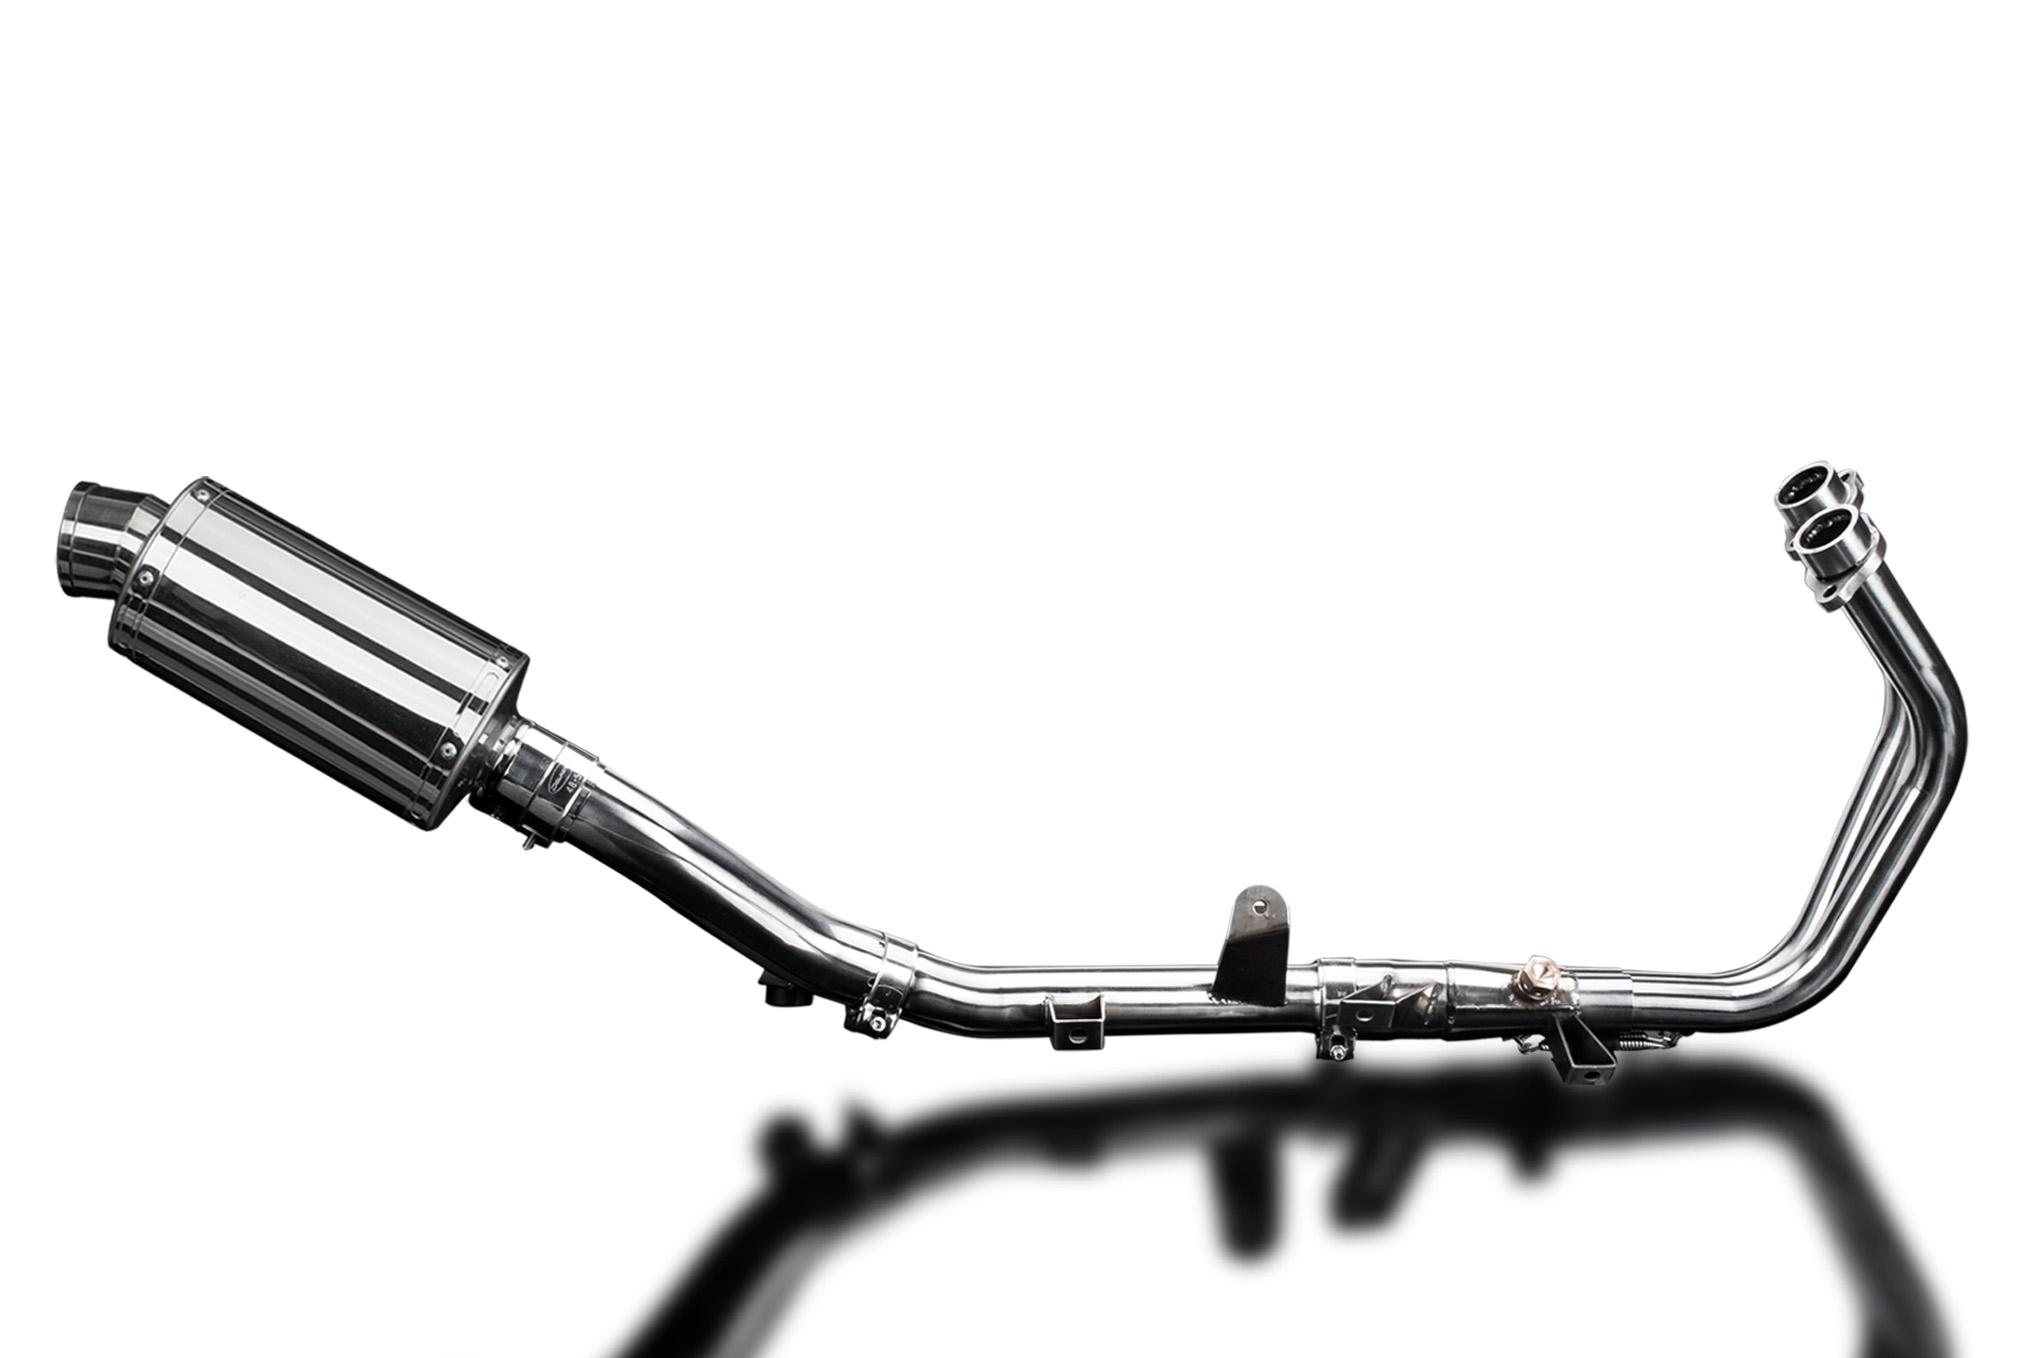 Honda Cbr500r Cb500f Cb500x 13 15 Silenciador De Escape